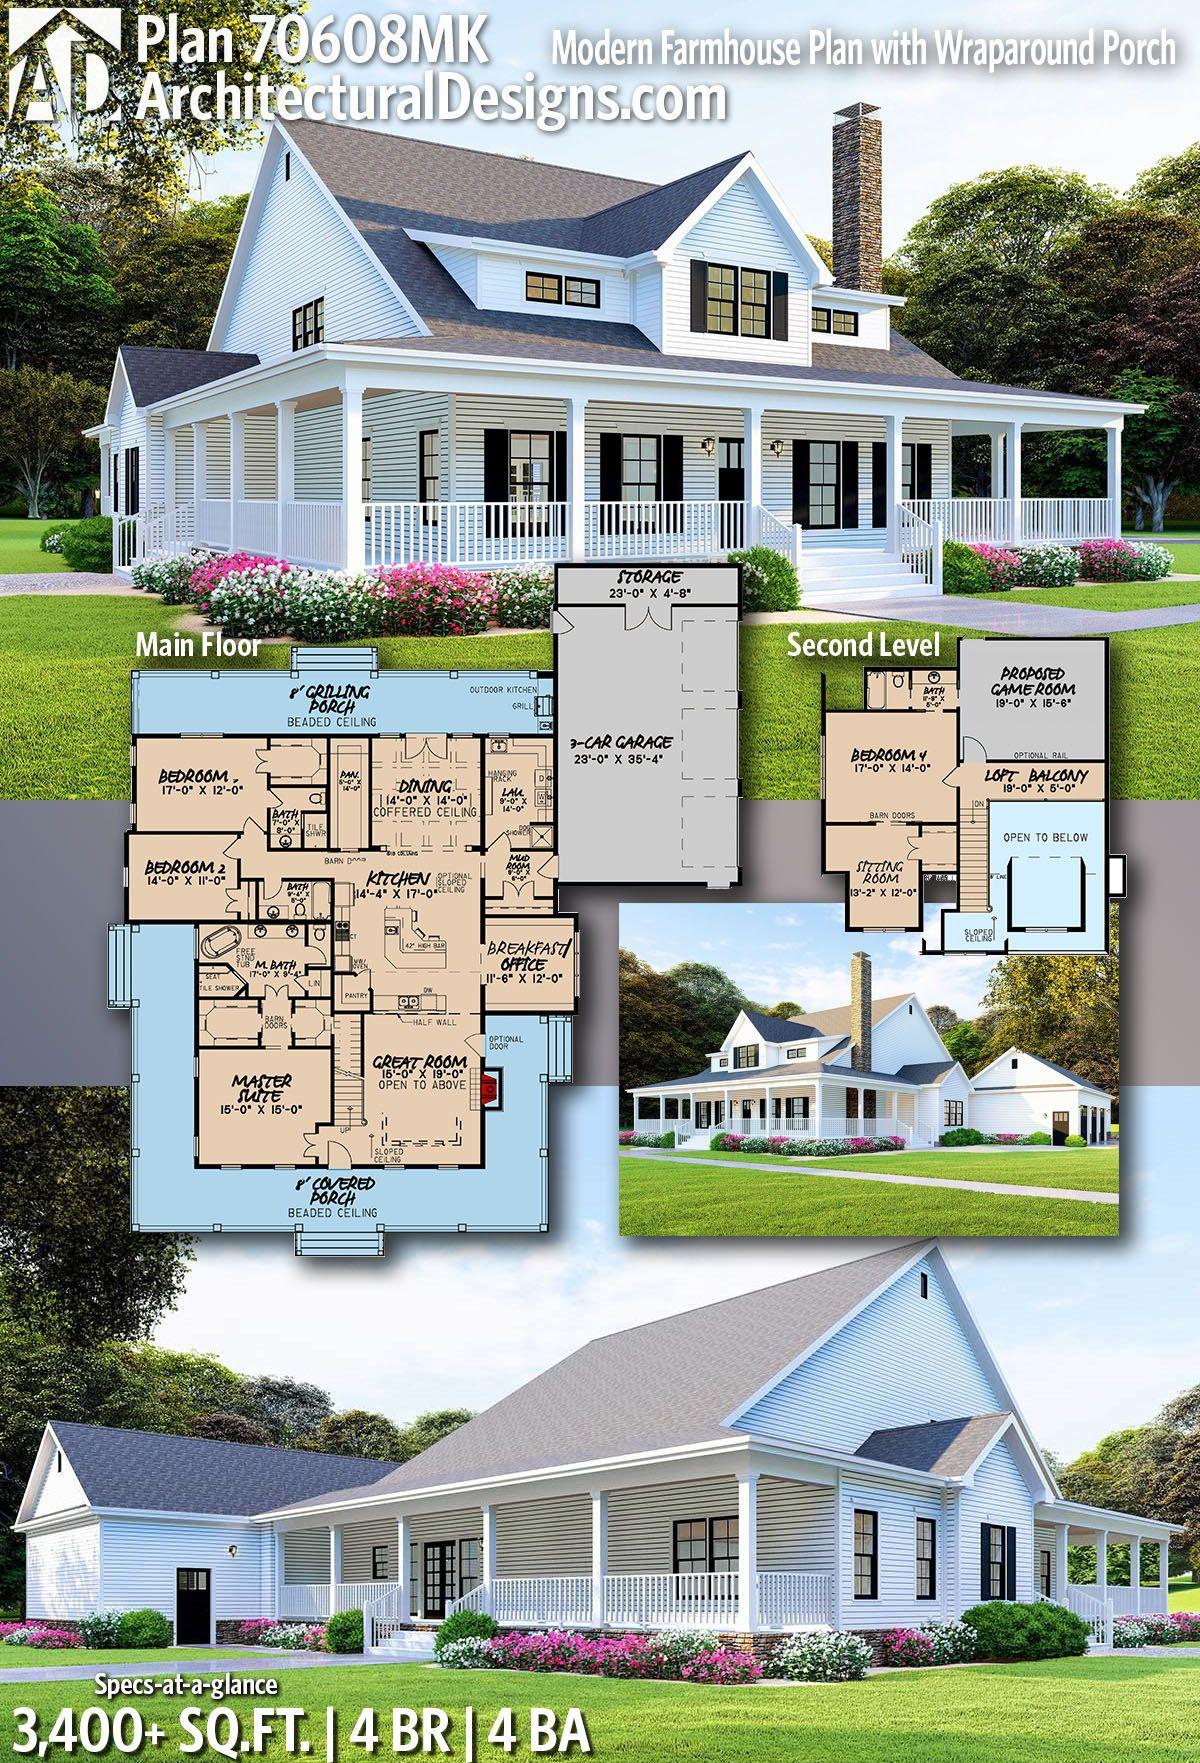 Plan 70608mk Modern Farmhouse Plan With Wraparound Porch Modern Farmhouse Plans Farmhouse Plans New House Plans